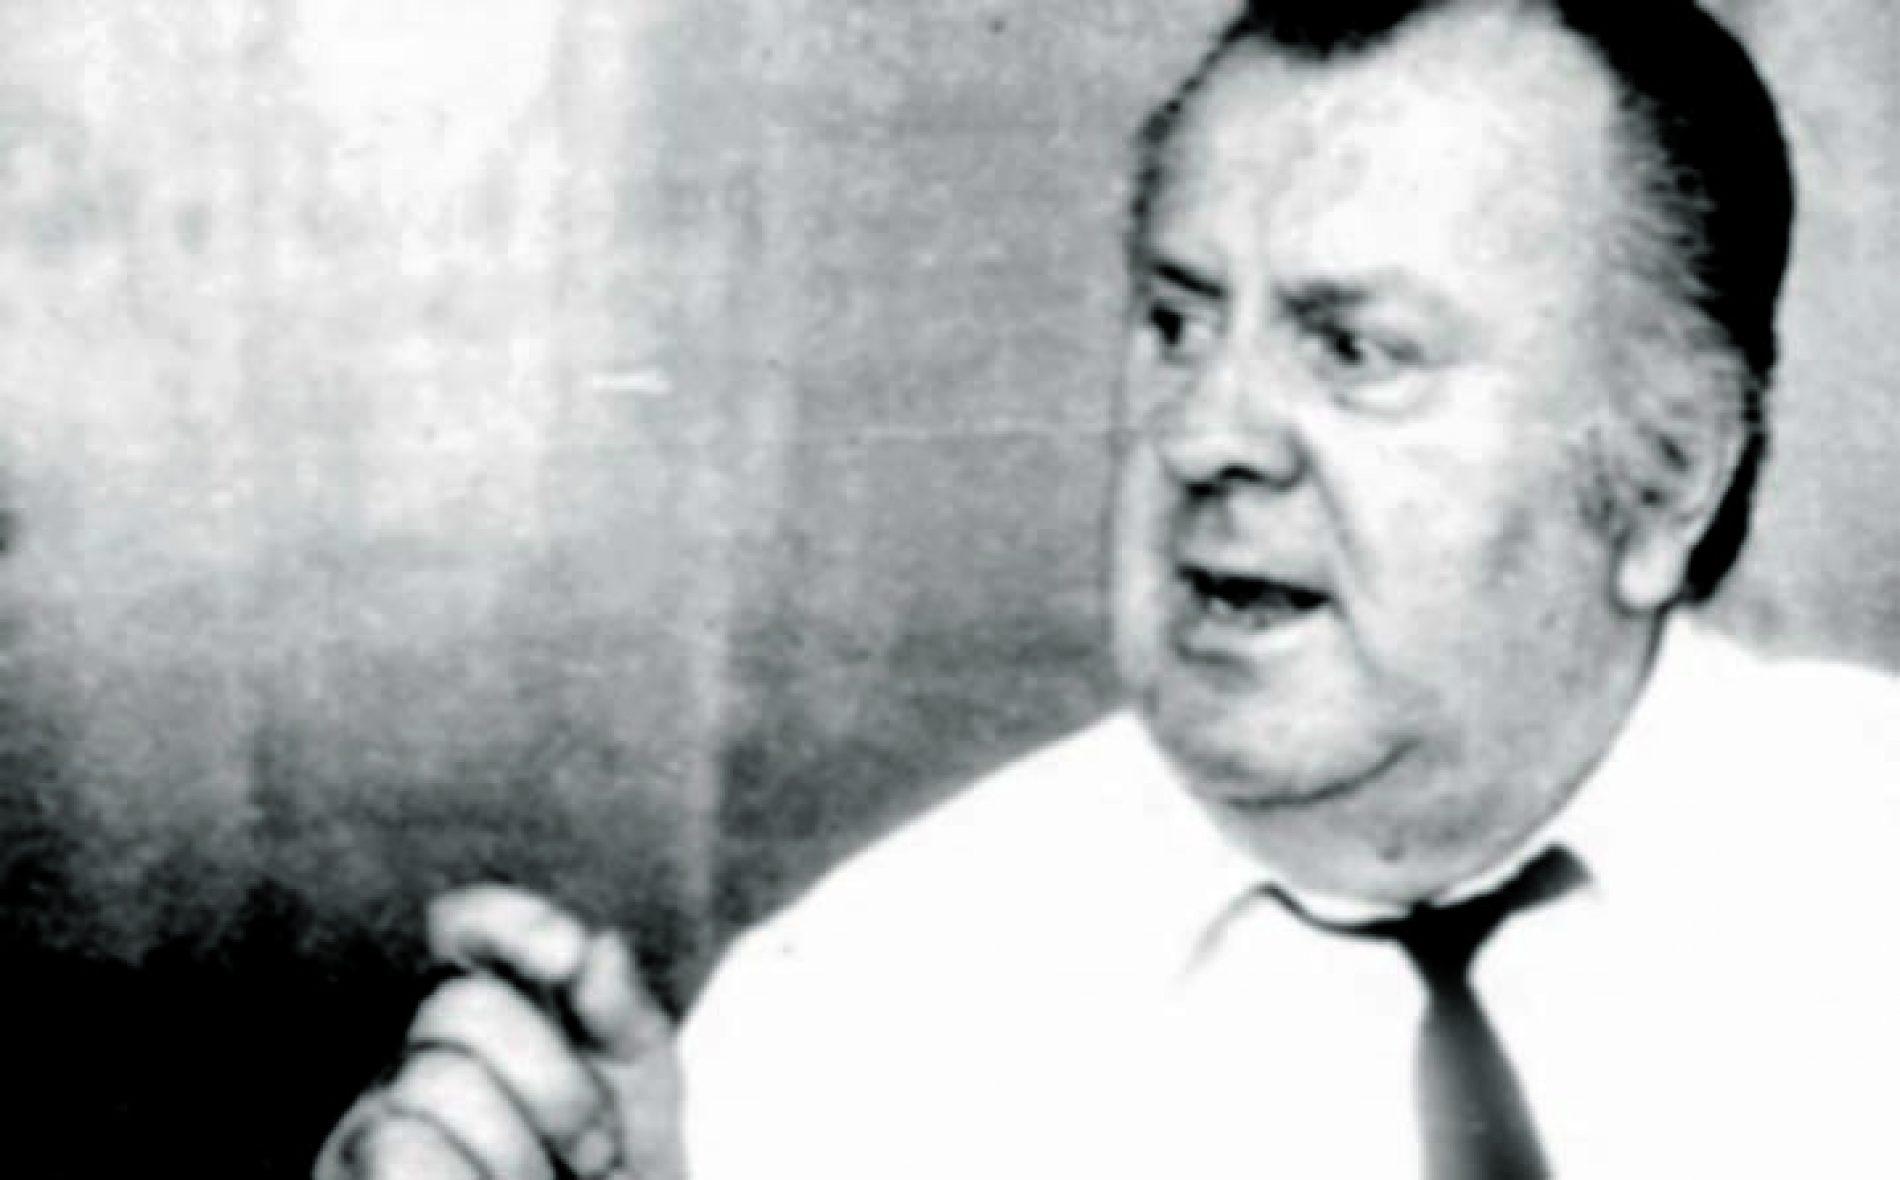 Godišnjica smrti: Hamdija Pozderac –  jedan od najviđenijih bosanskohercegovačkih političara svoga vremena